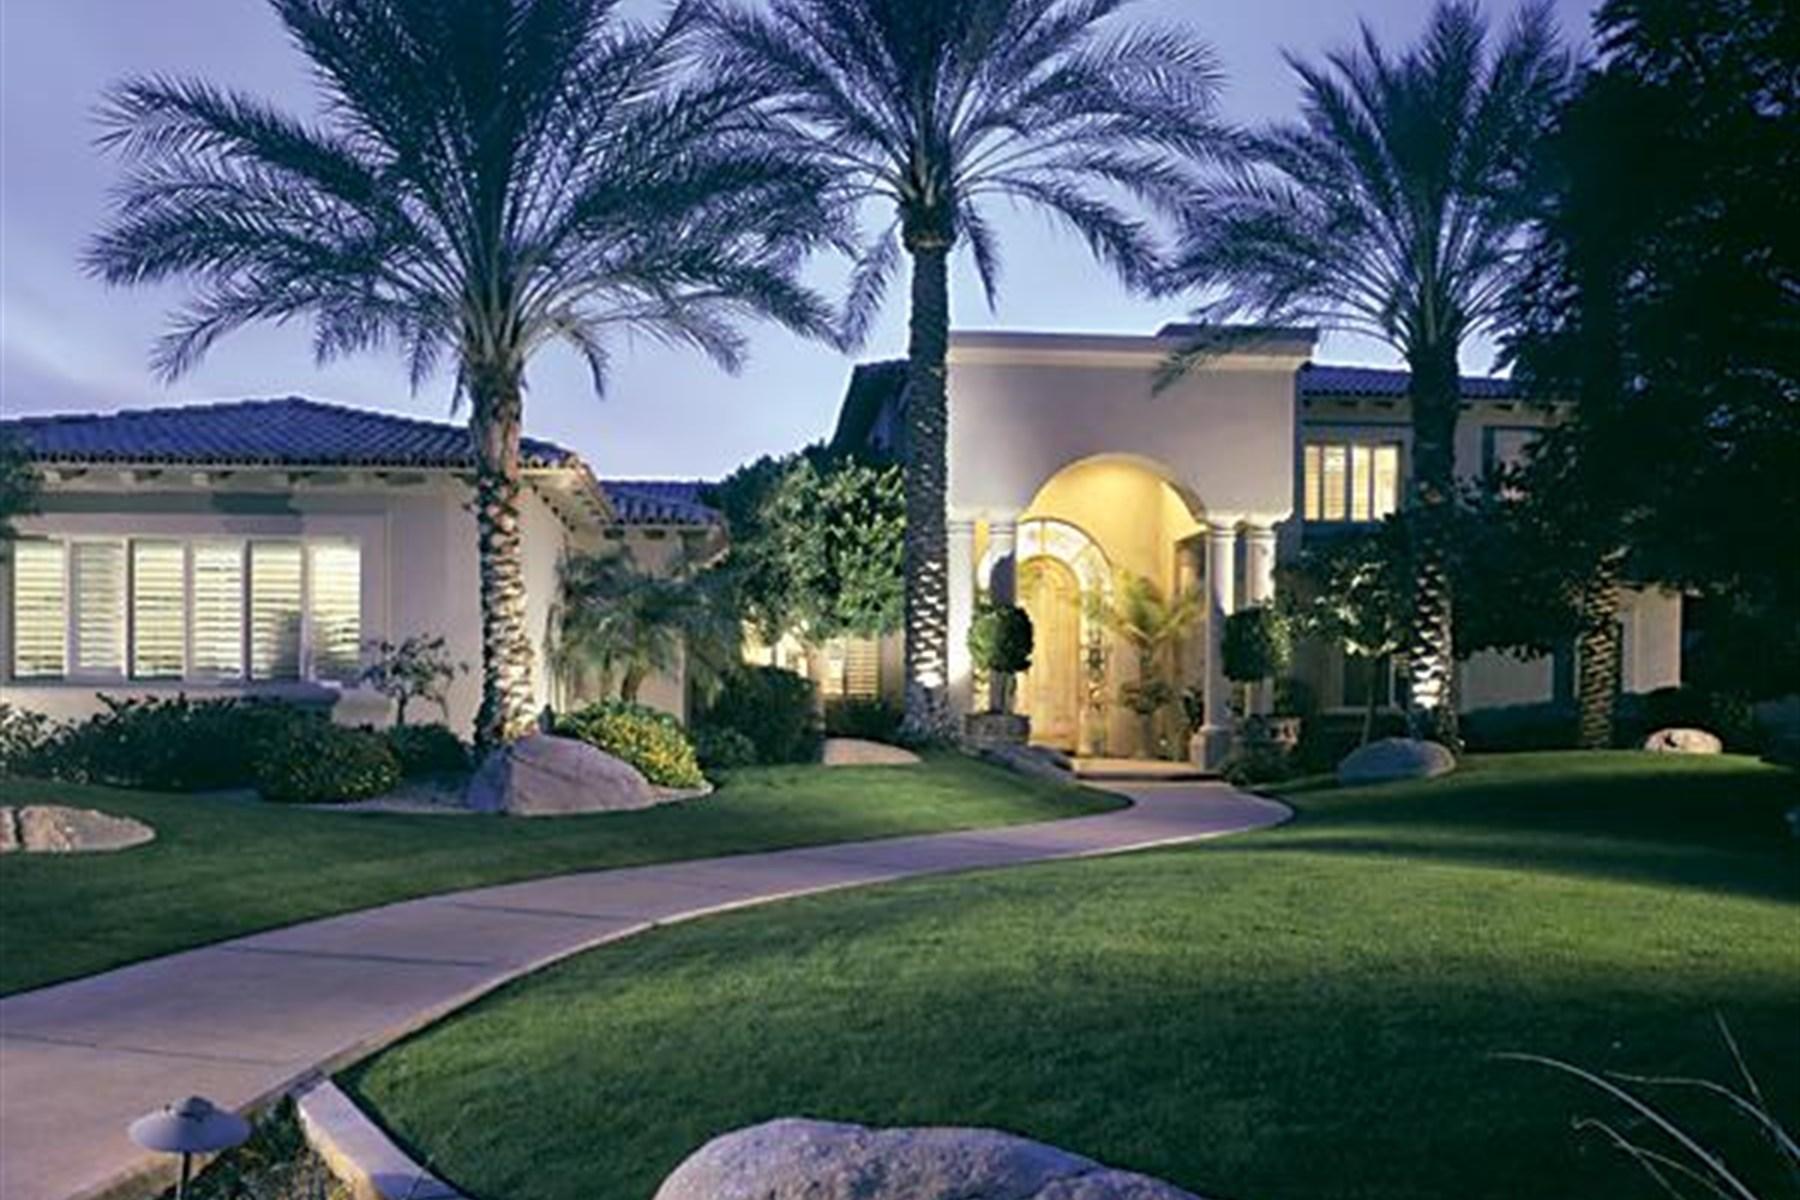 단독 가정 주택 용 매매 에 Custom home on huge .78 acre private culdesac hillside lot. 3429 E Tonto DR Phoenix, 아리조나 85044 미국